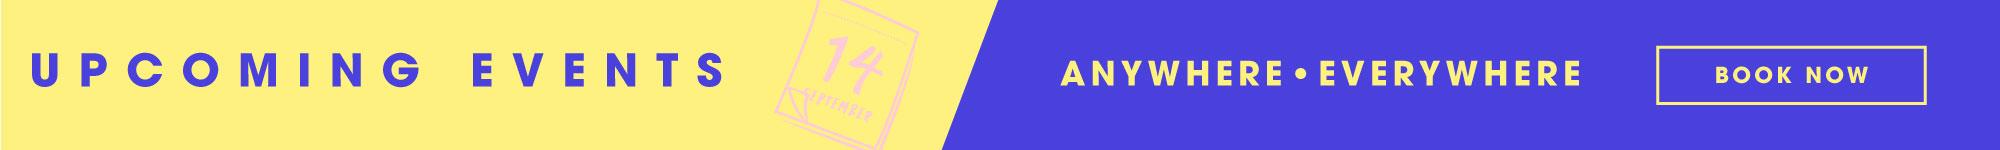 Arrvials events   website ad